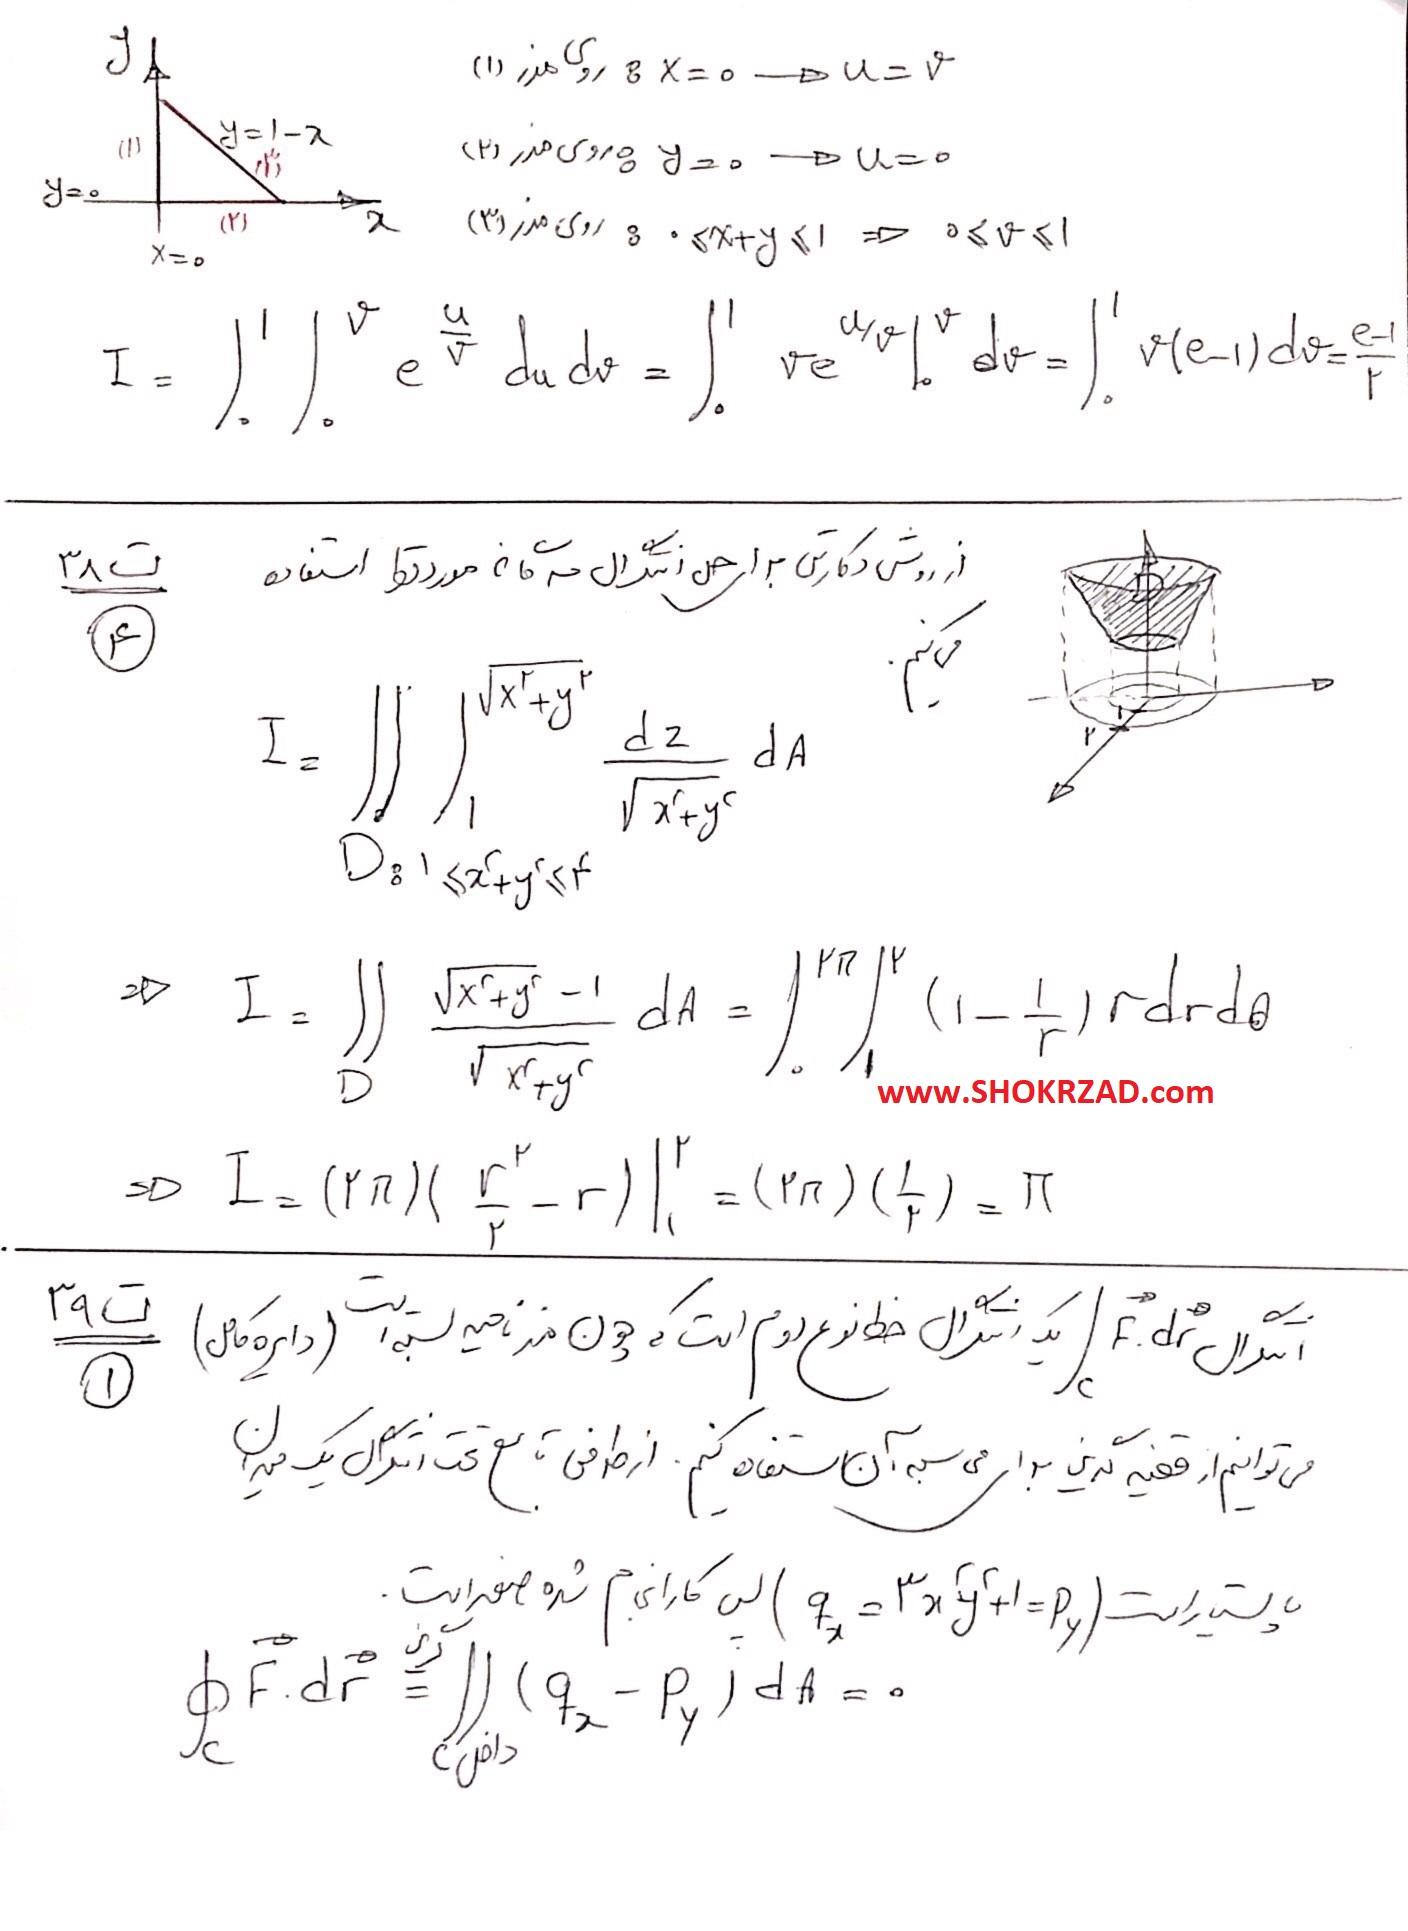 پاسخنامه تشریحی ریاضی عمومی کنکور ارشد ریاضی و آمار 95